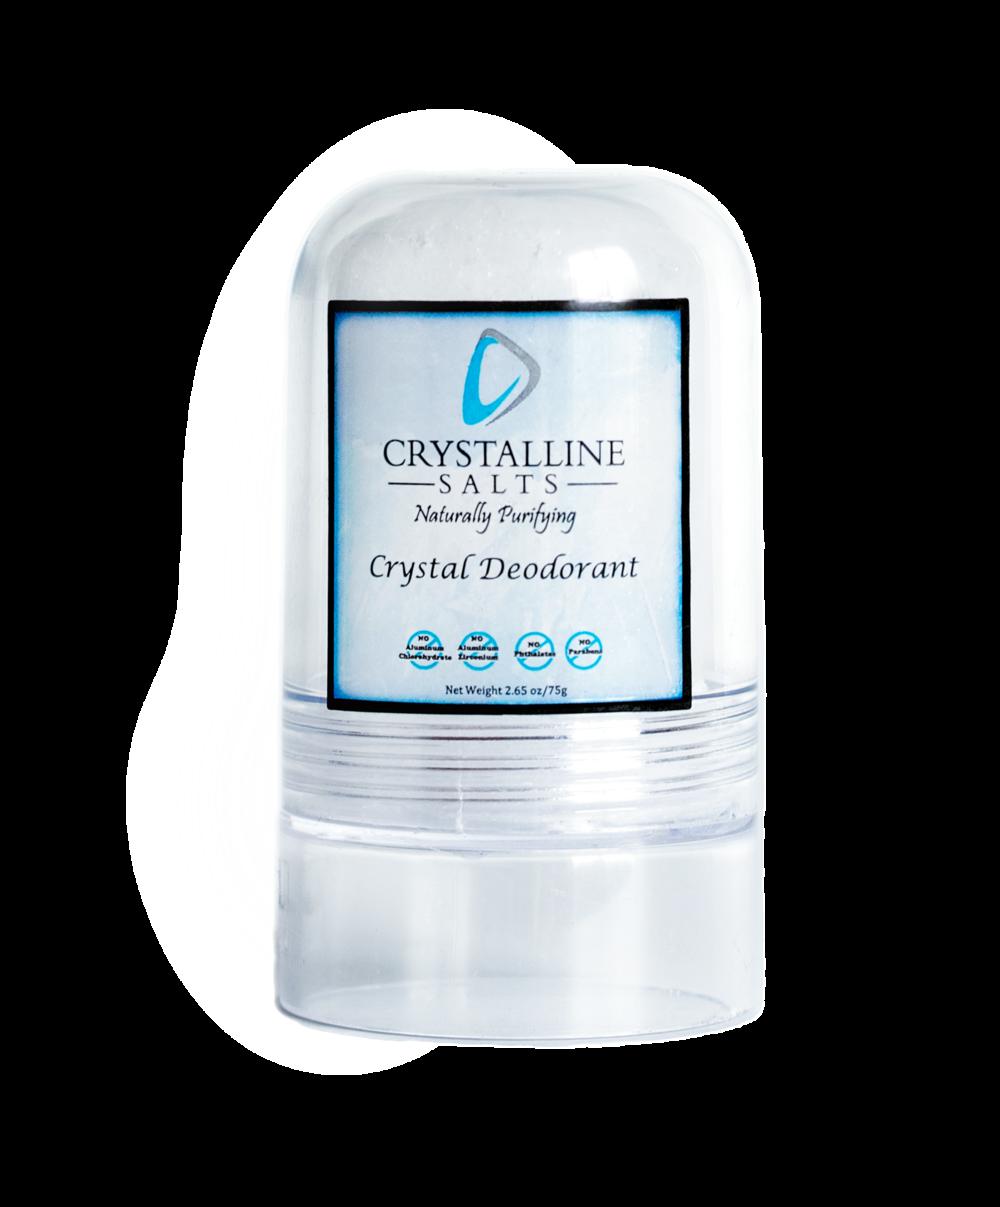 Crystalline Salts Deodorant Stone